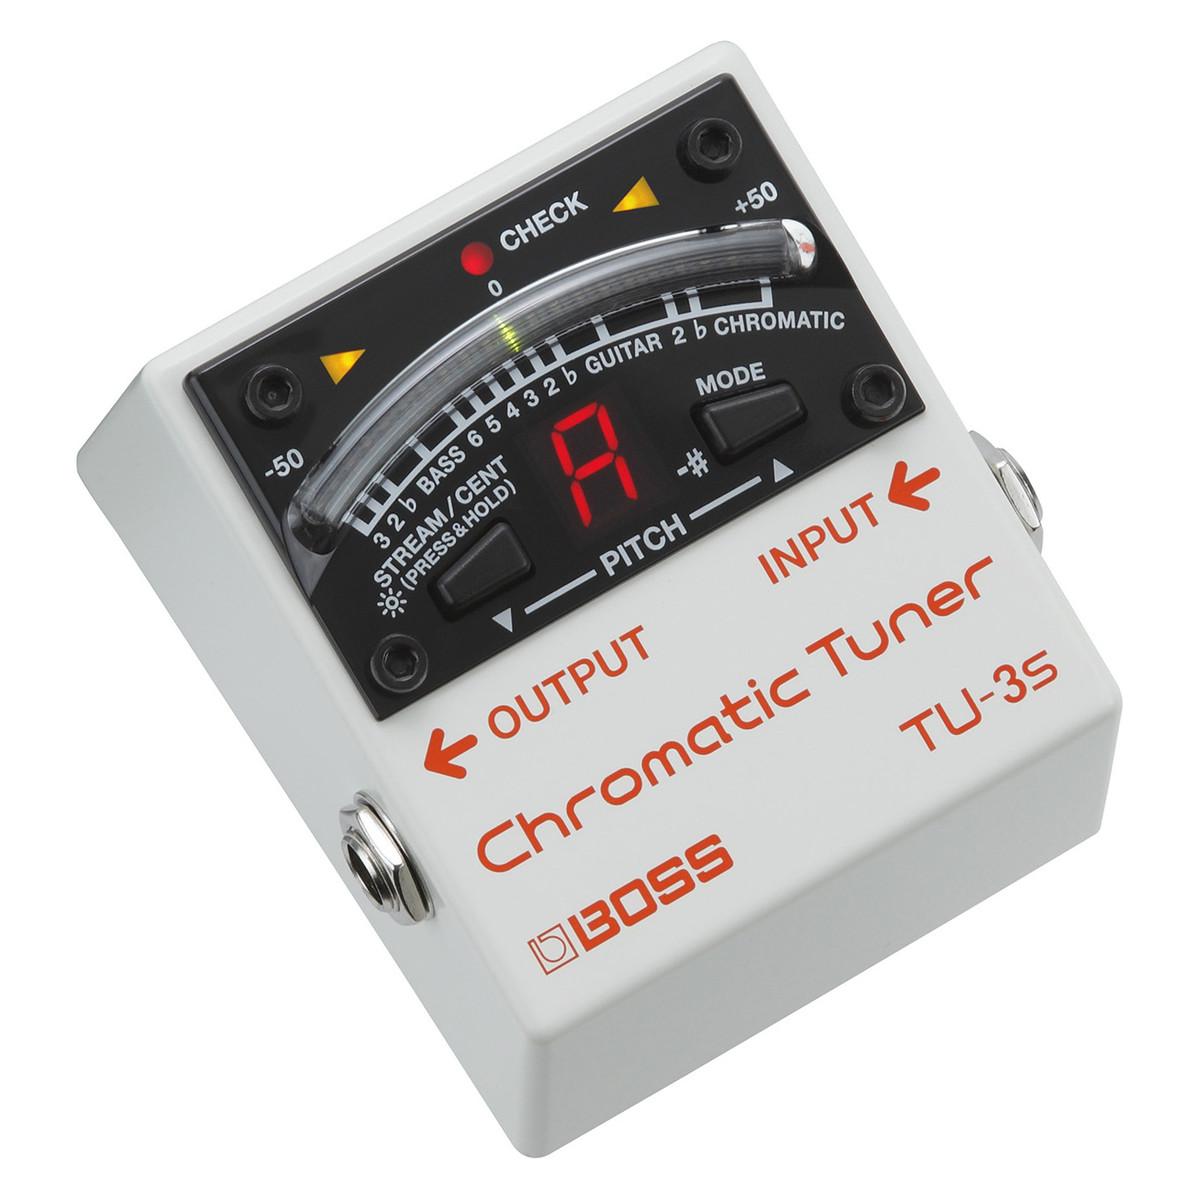 Image of BOSS TU-3S Chromatic Tuner